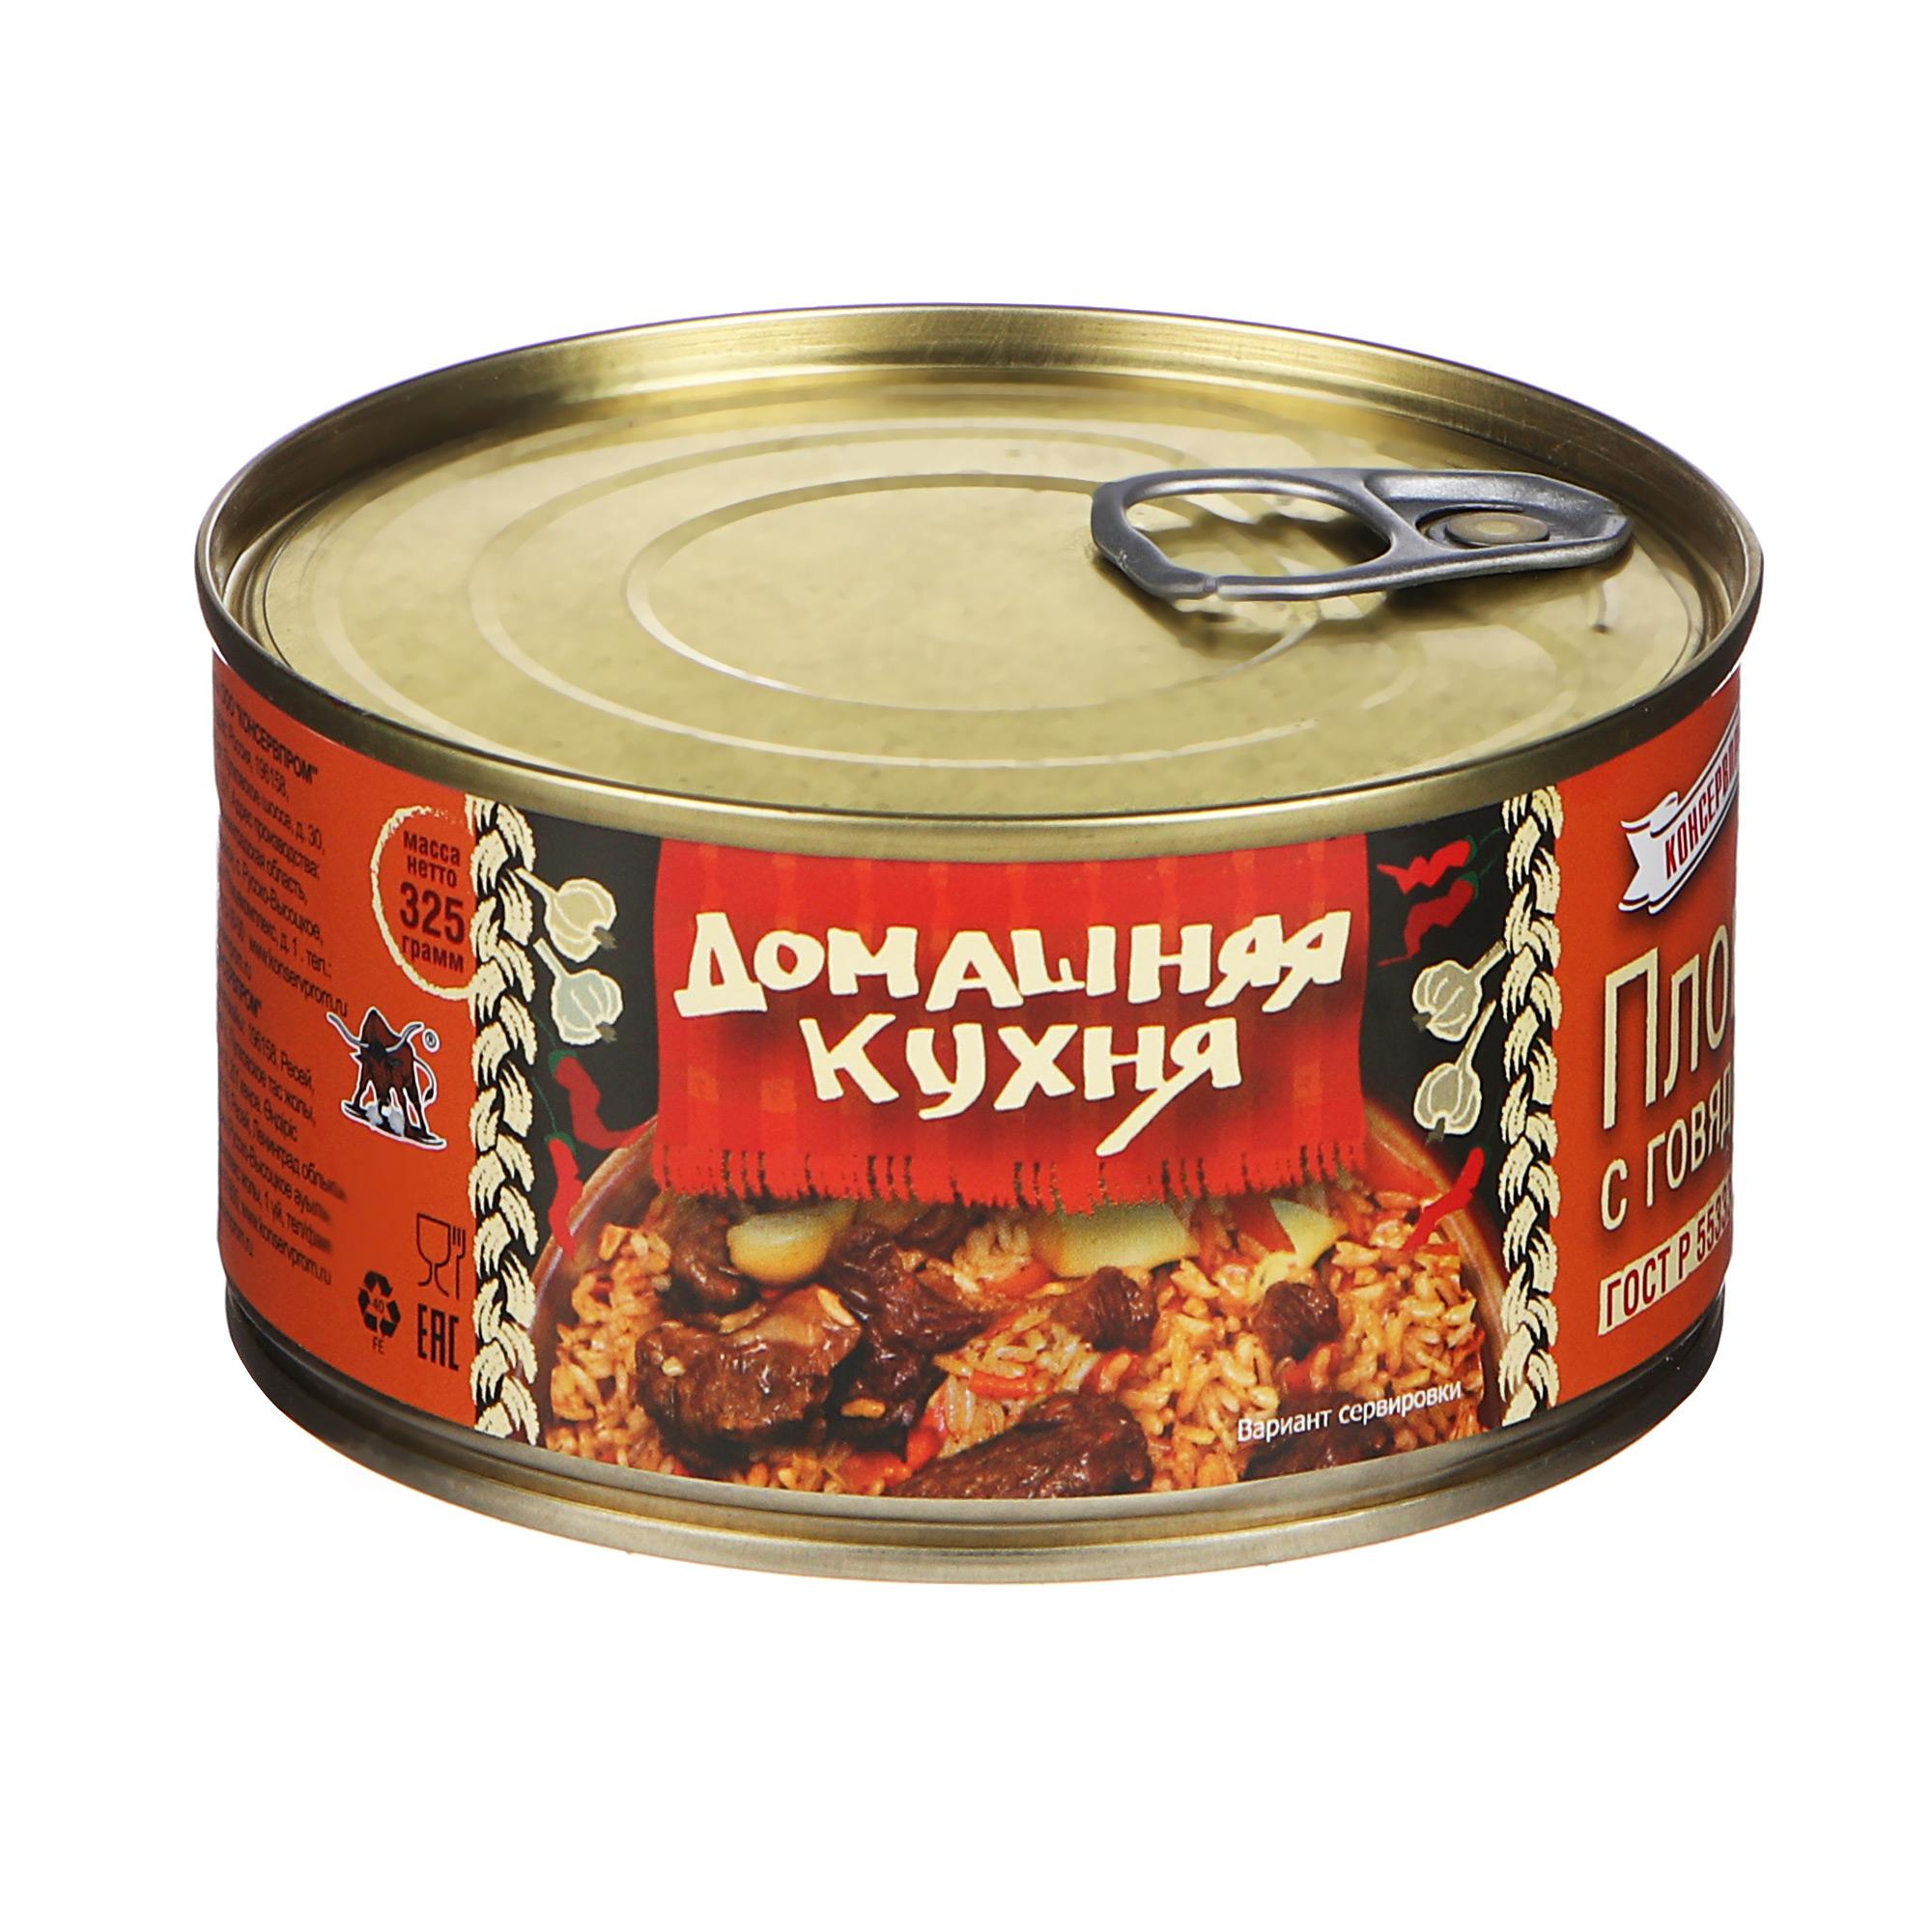 Фото - Плов Домашняя Кухня с говядиной 325 г плов рузком узбекский с говядиной 325 г